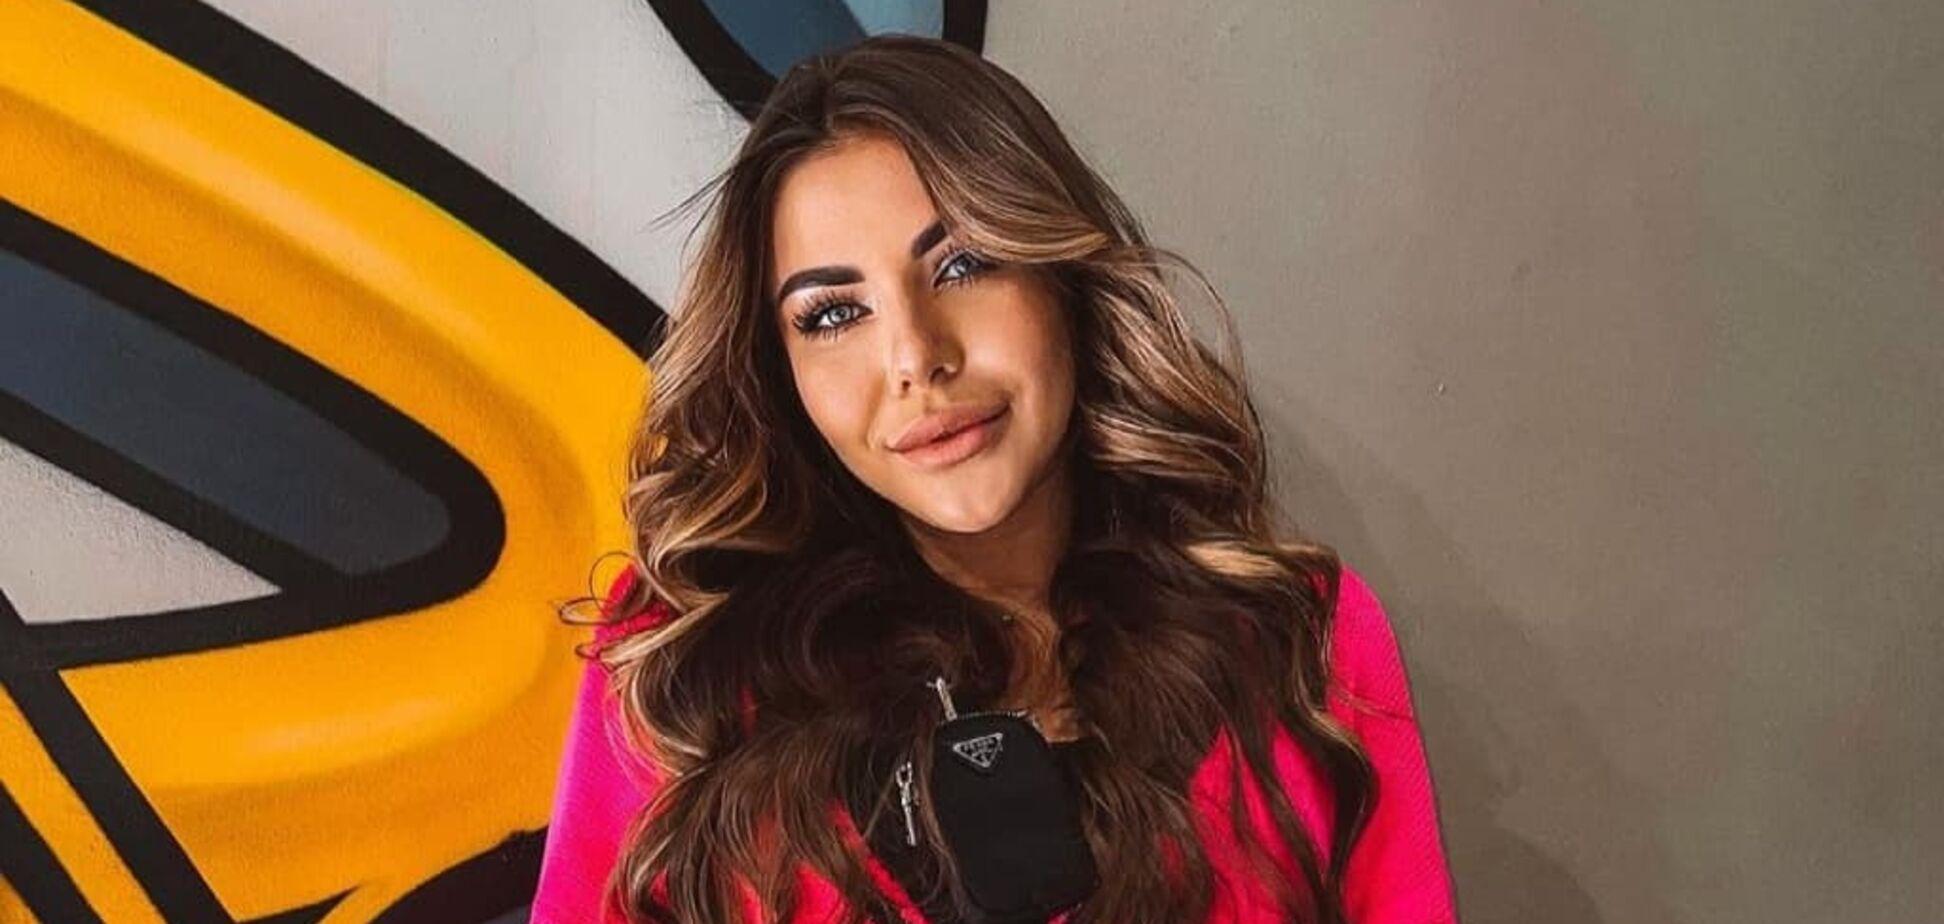 25-річна Софія Стужук прикрасила обкладинку українського Playboy